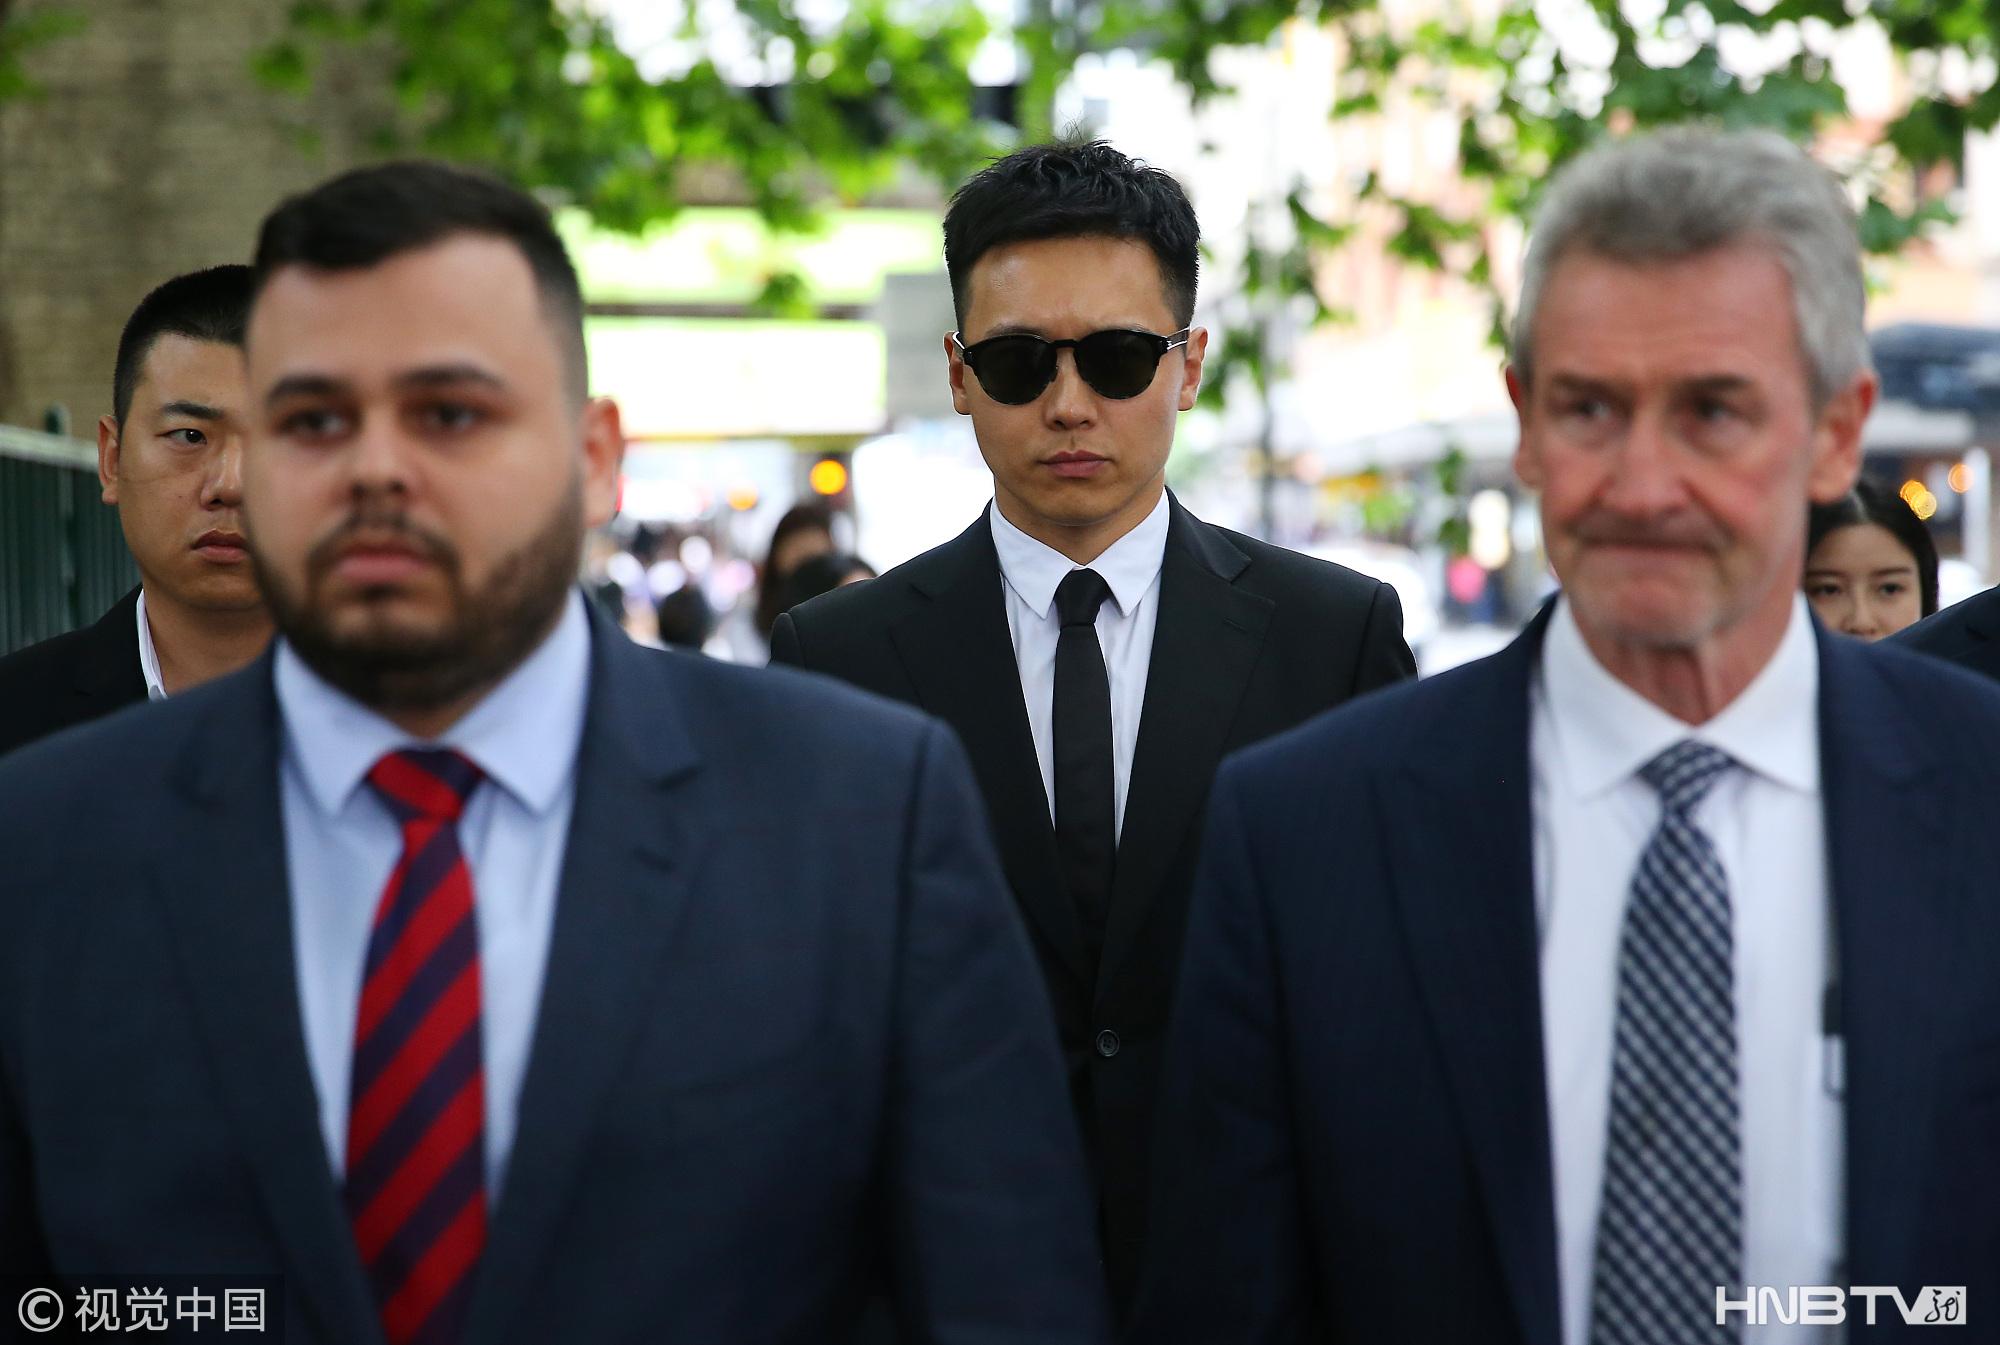 高云翔墨镜西服现身听证会 获律师和工作人员陪同